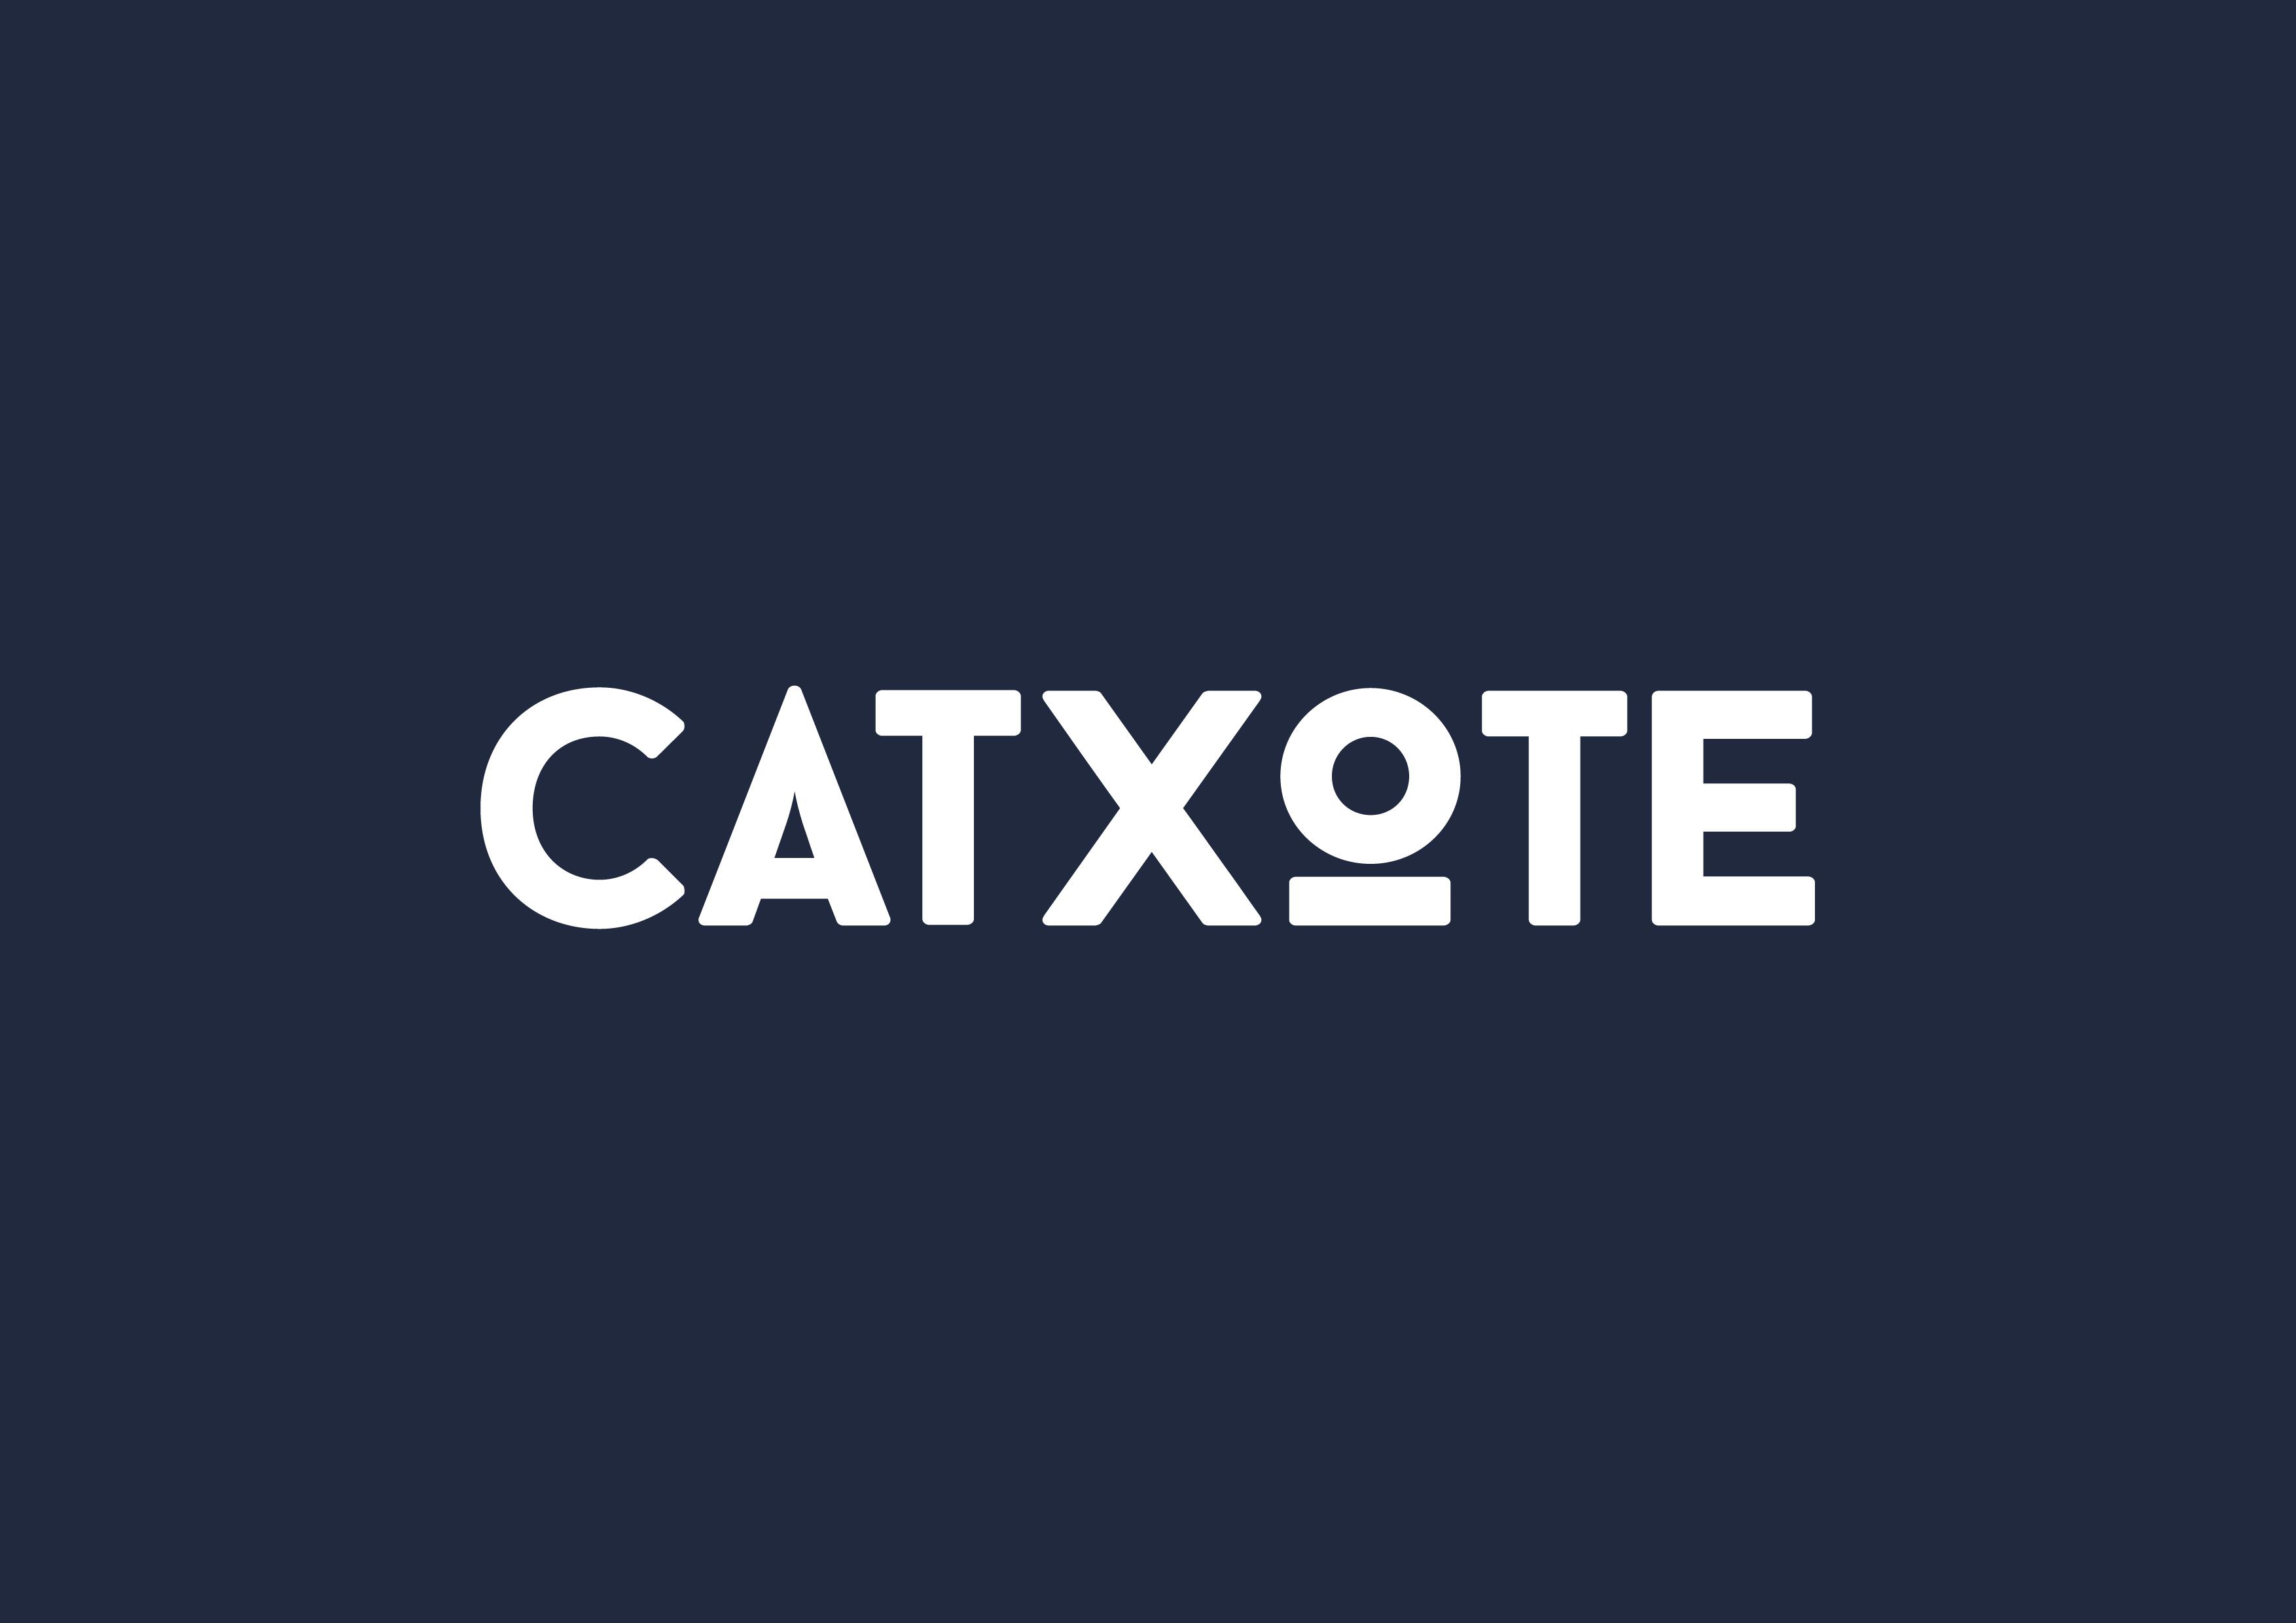 Catxote